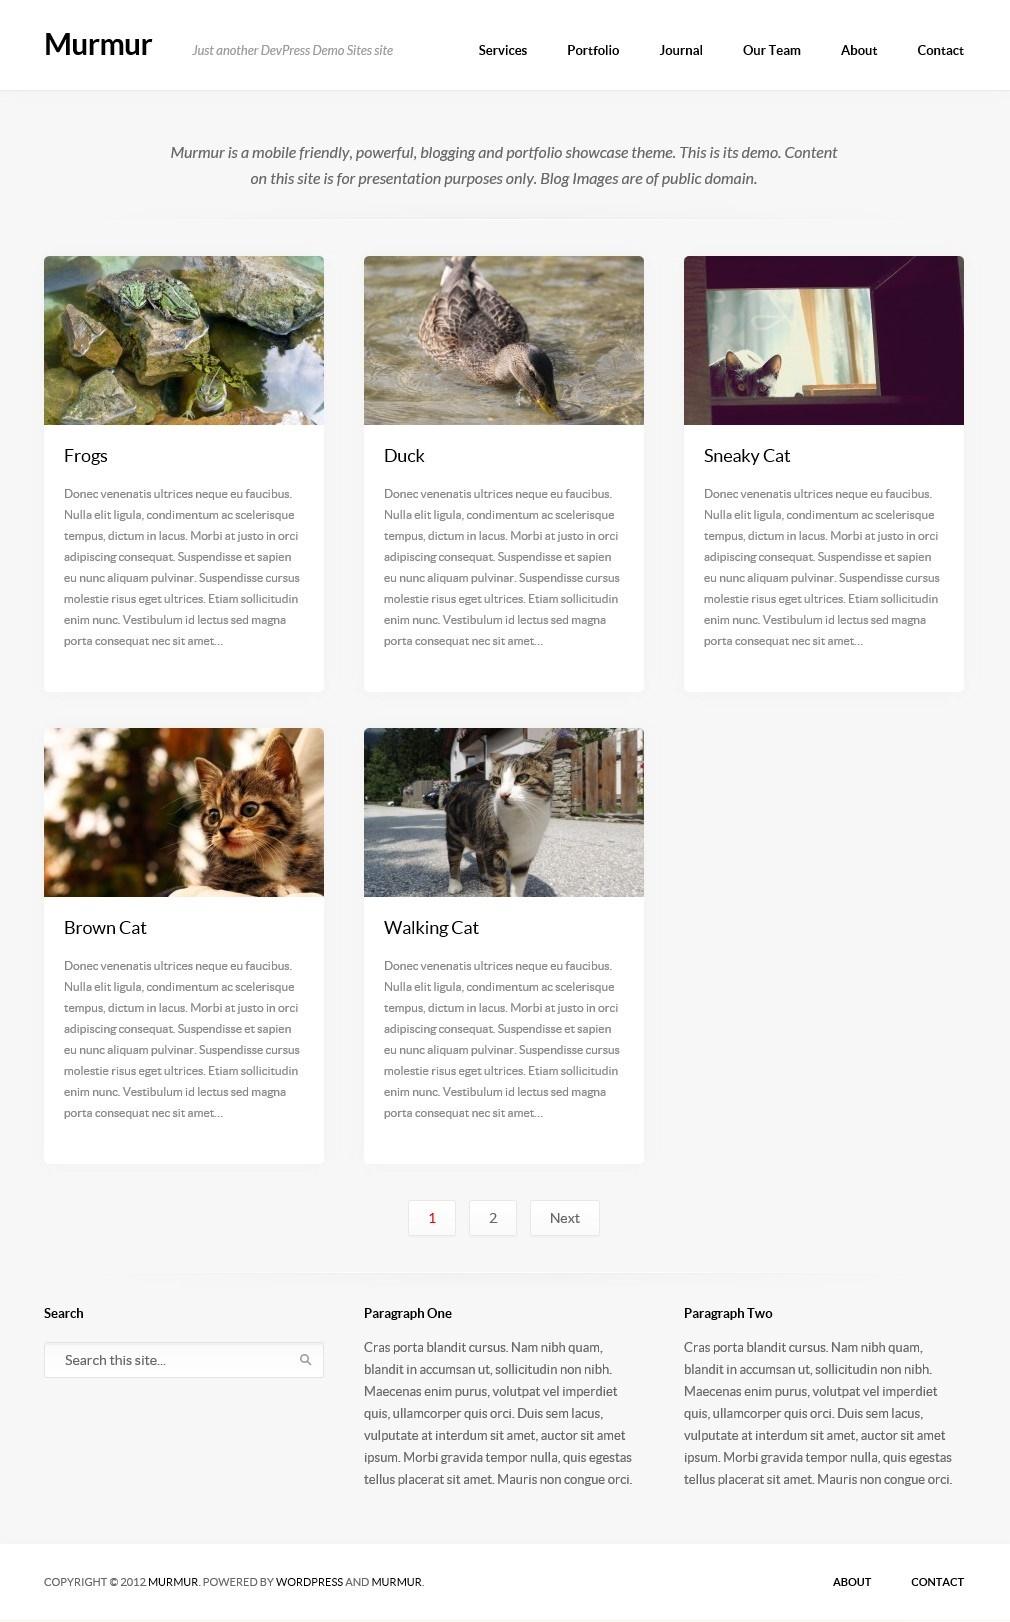 Murmur - тема для блога с портфолио и дизайном, адаптированным под разное разрешение экрана (2)